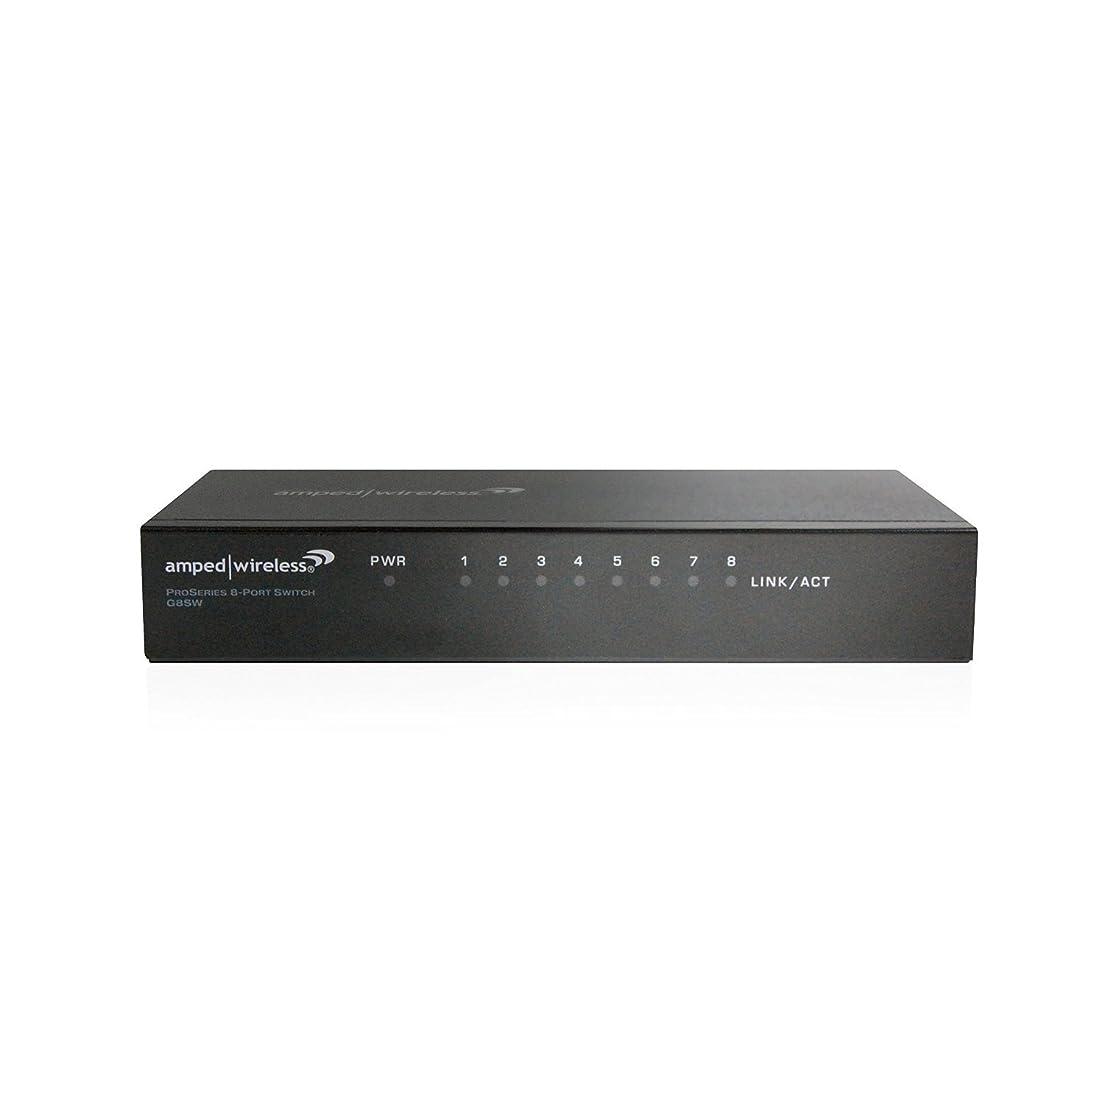 尊敬する咳ライムAmped Wireless ProSeries 8-Port Gigabit Network Switch (G8SW) [並行輸入品]